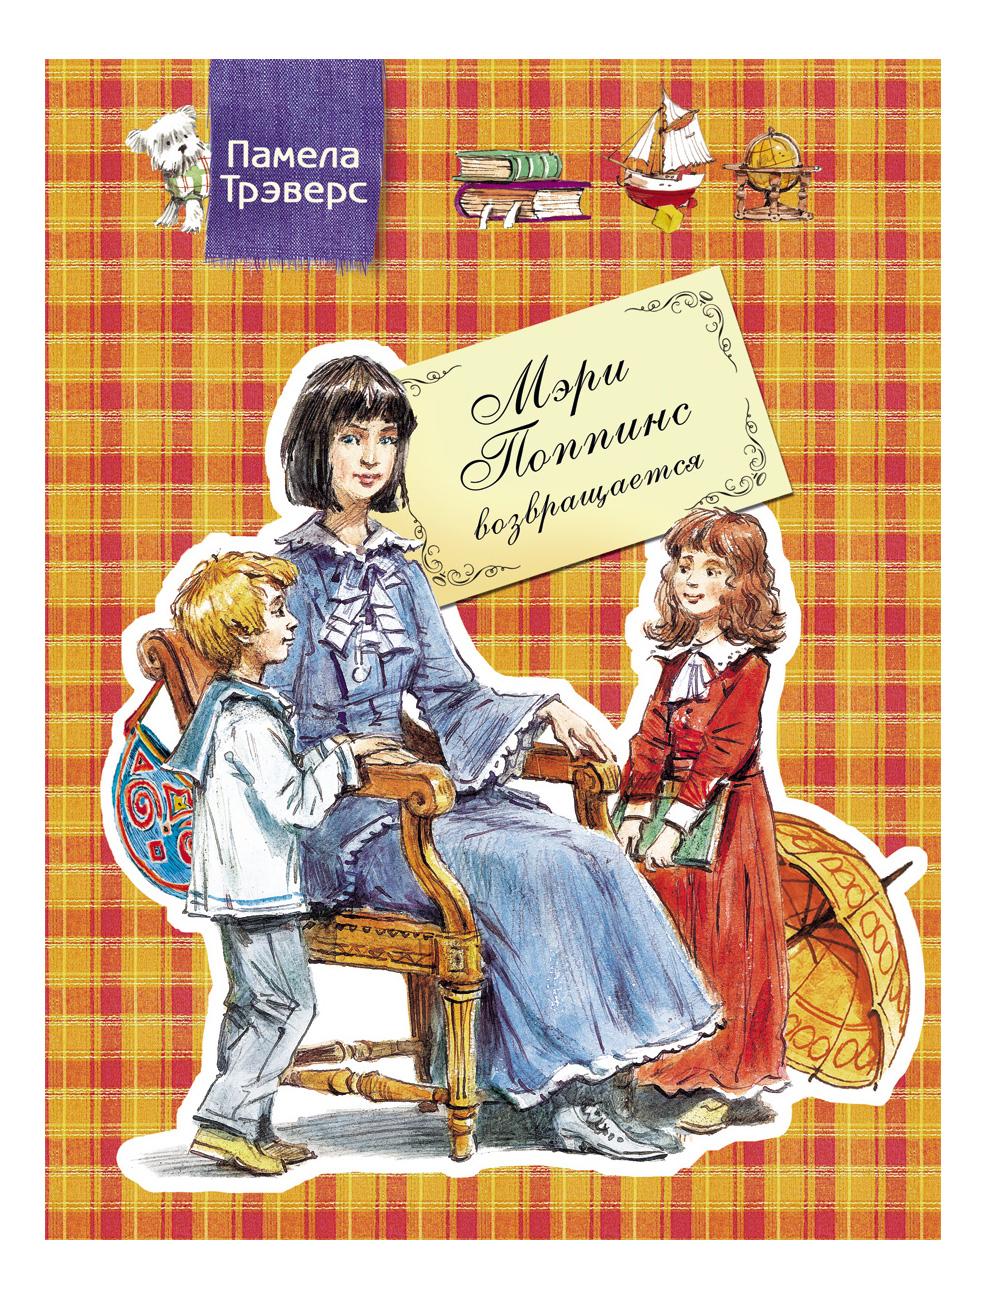 Купить Мэри Поппинс возвращается. Трэверс П., Мэри поппинс Возвращается. памела трэверс, Росмэн, Детская художественная литература